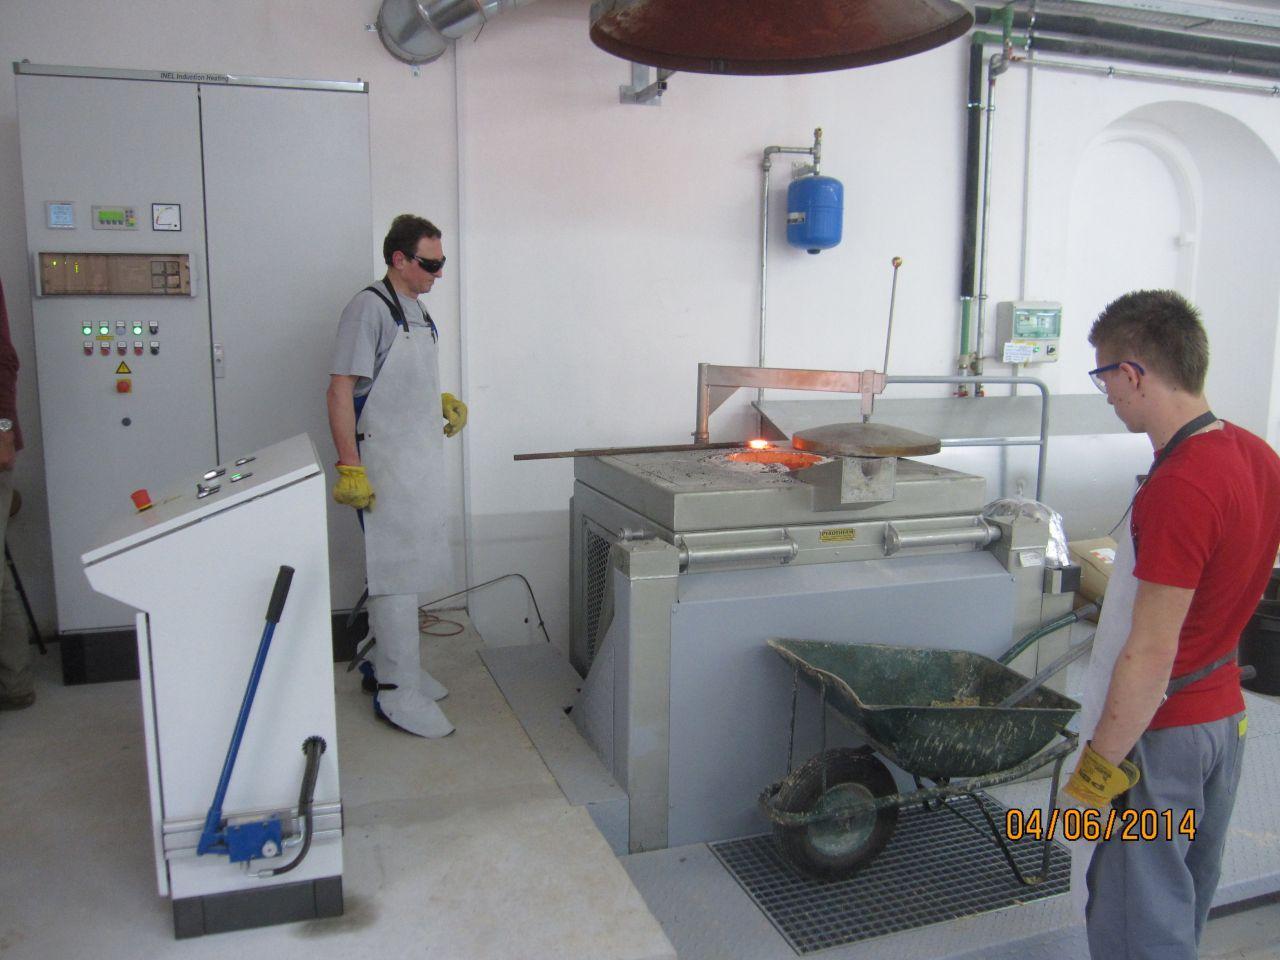 Indukcijsko taljenje kovin, induktivno površinsko kaljenje kovin inel 006